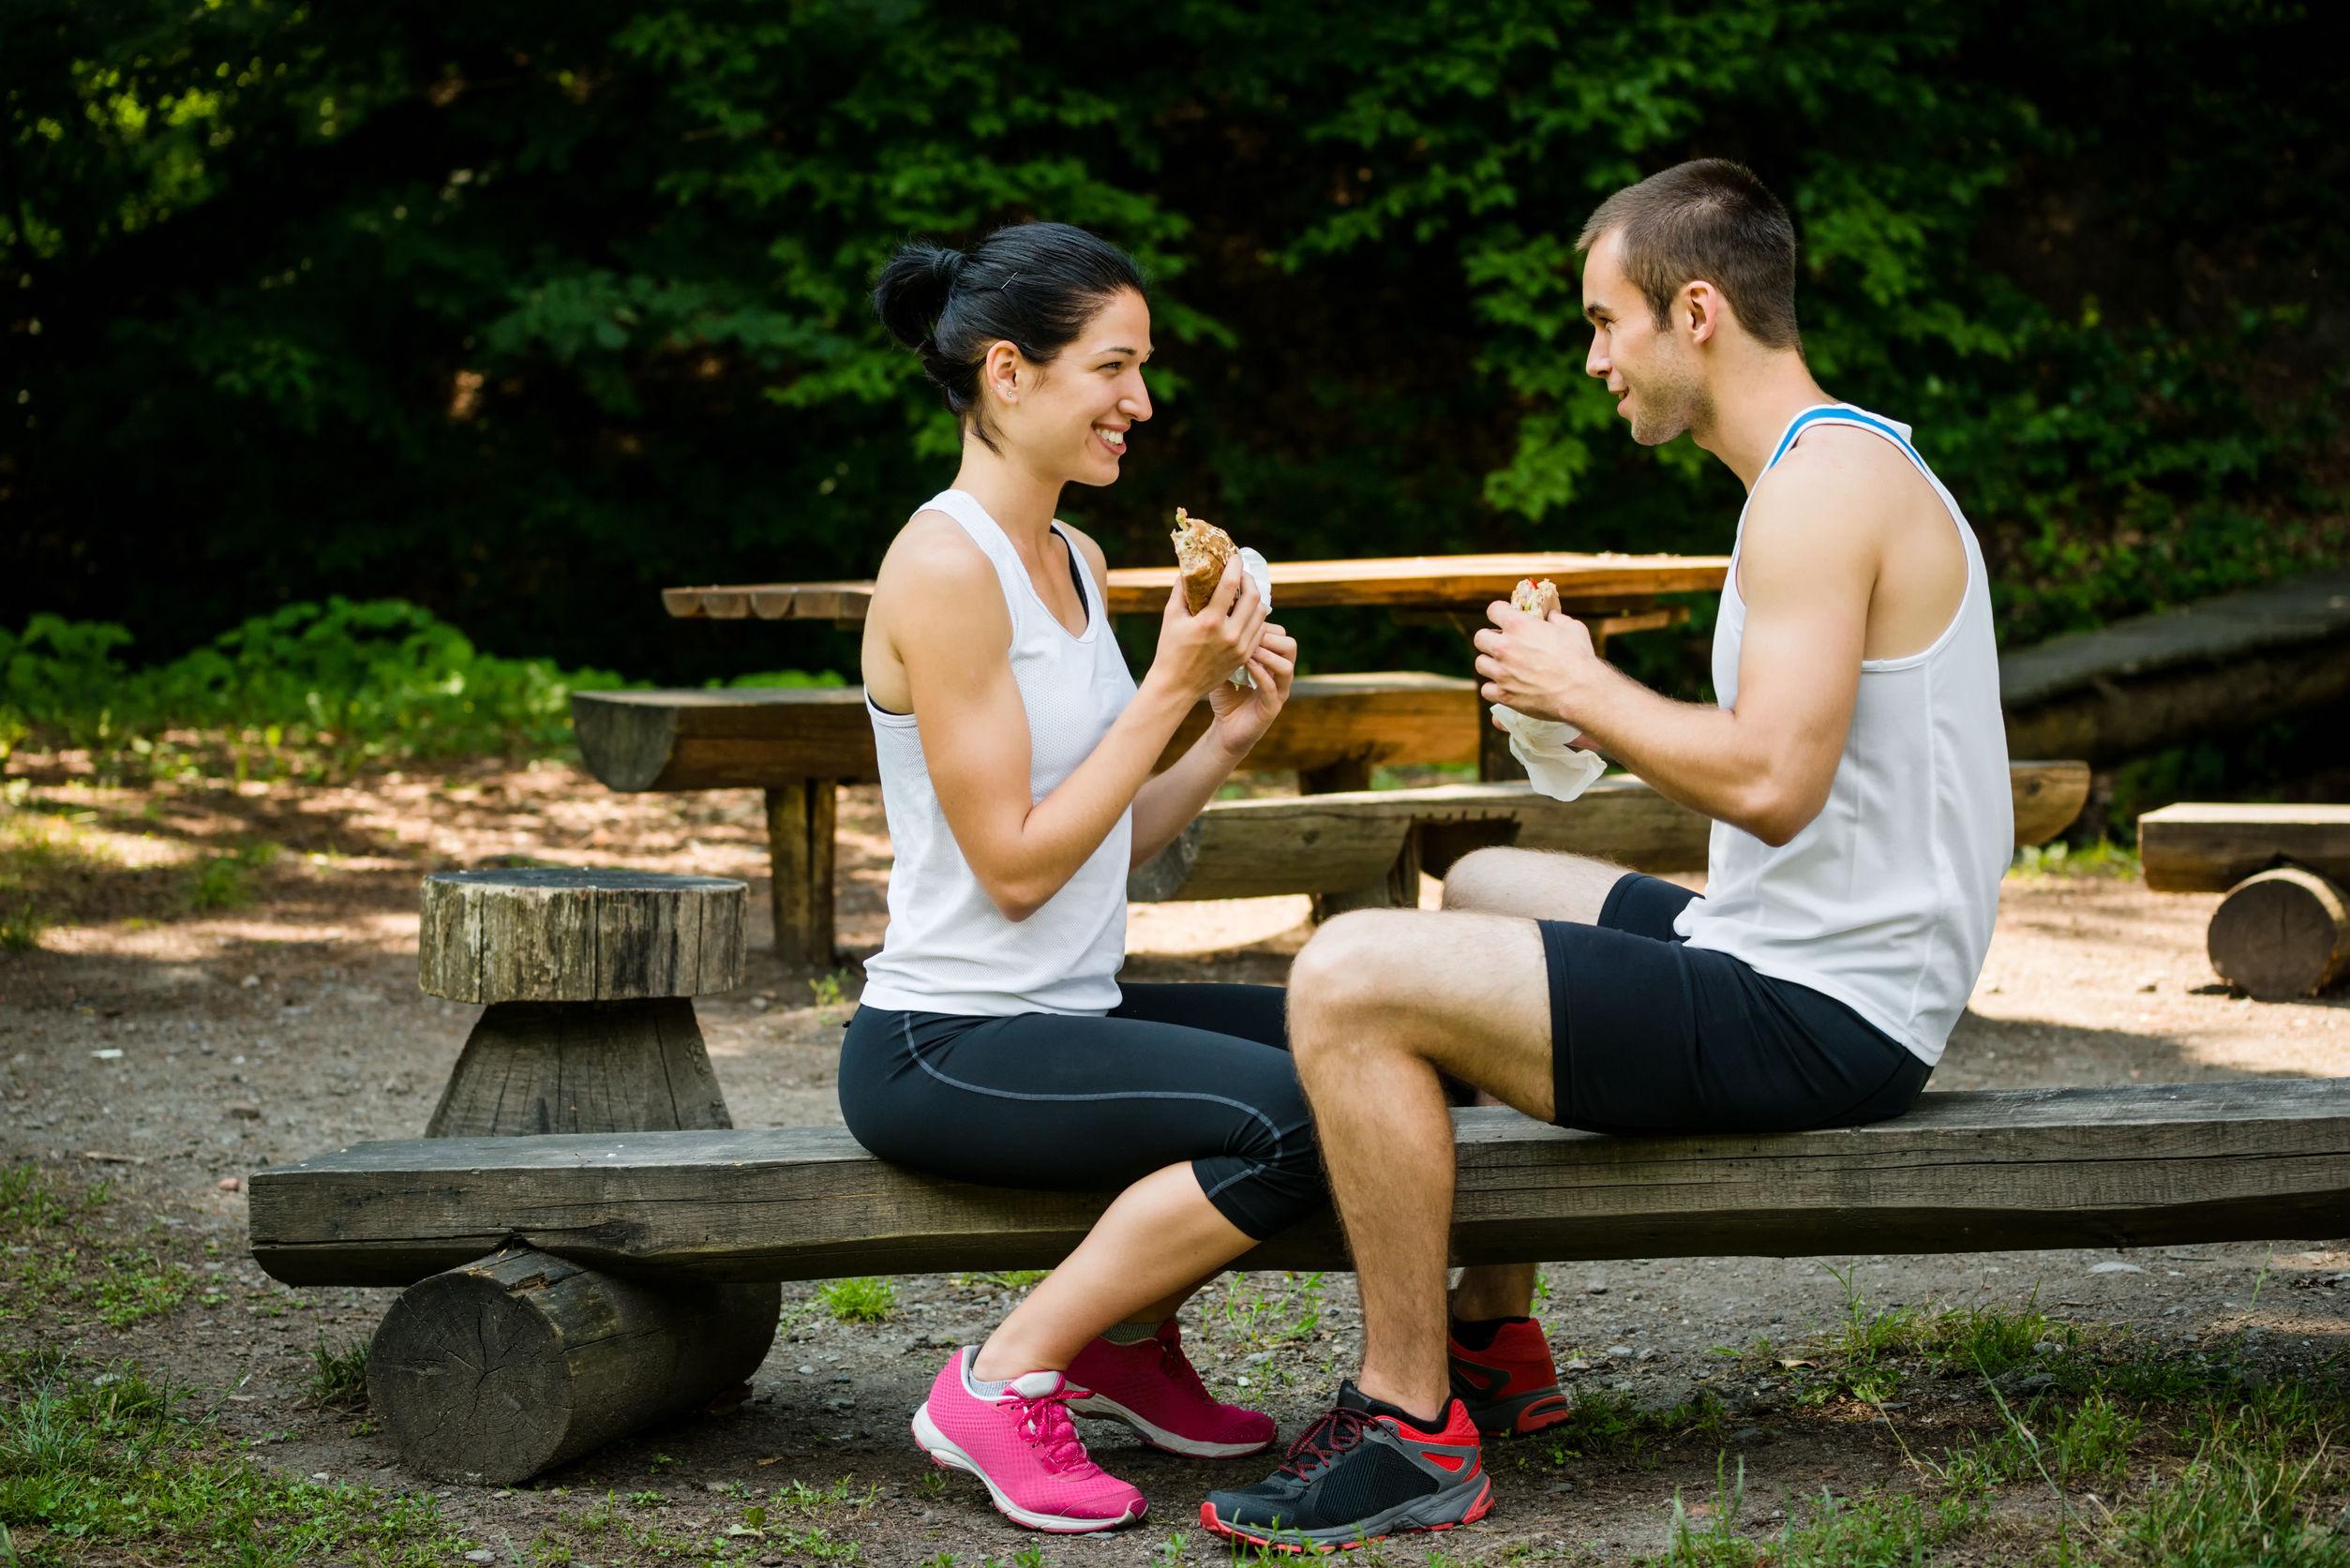 nutrición después de entrenar